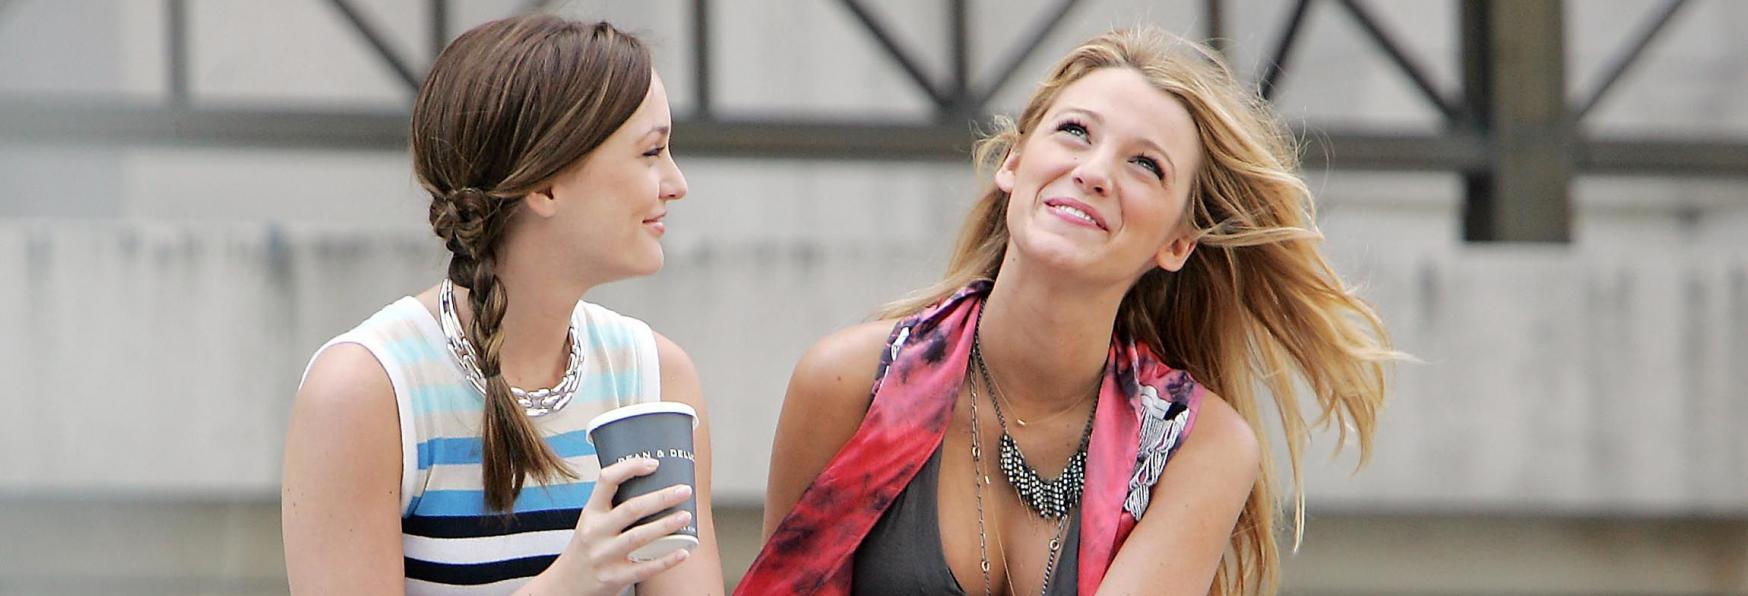 Gossip Girl: Rimandato al 2021 il Sequel targato HBO Max della Serie TV